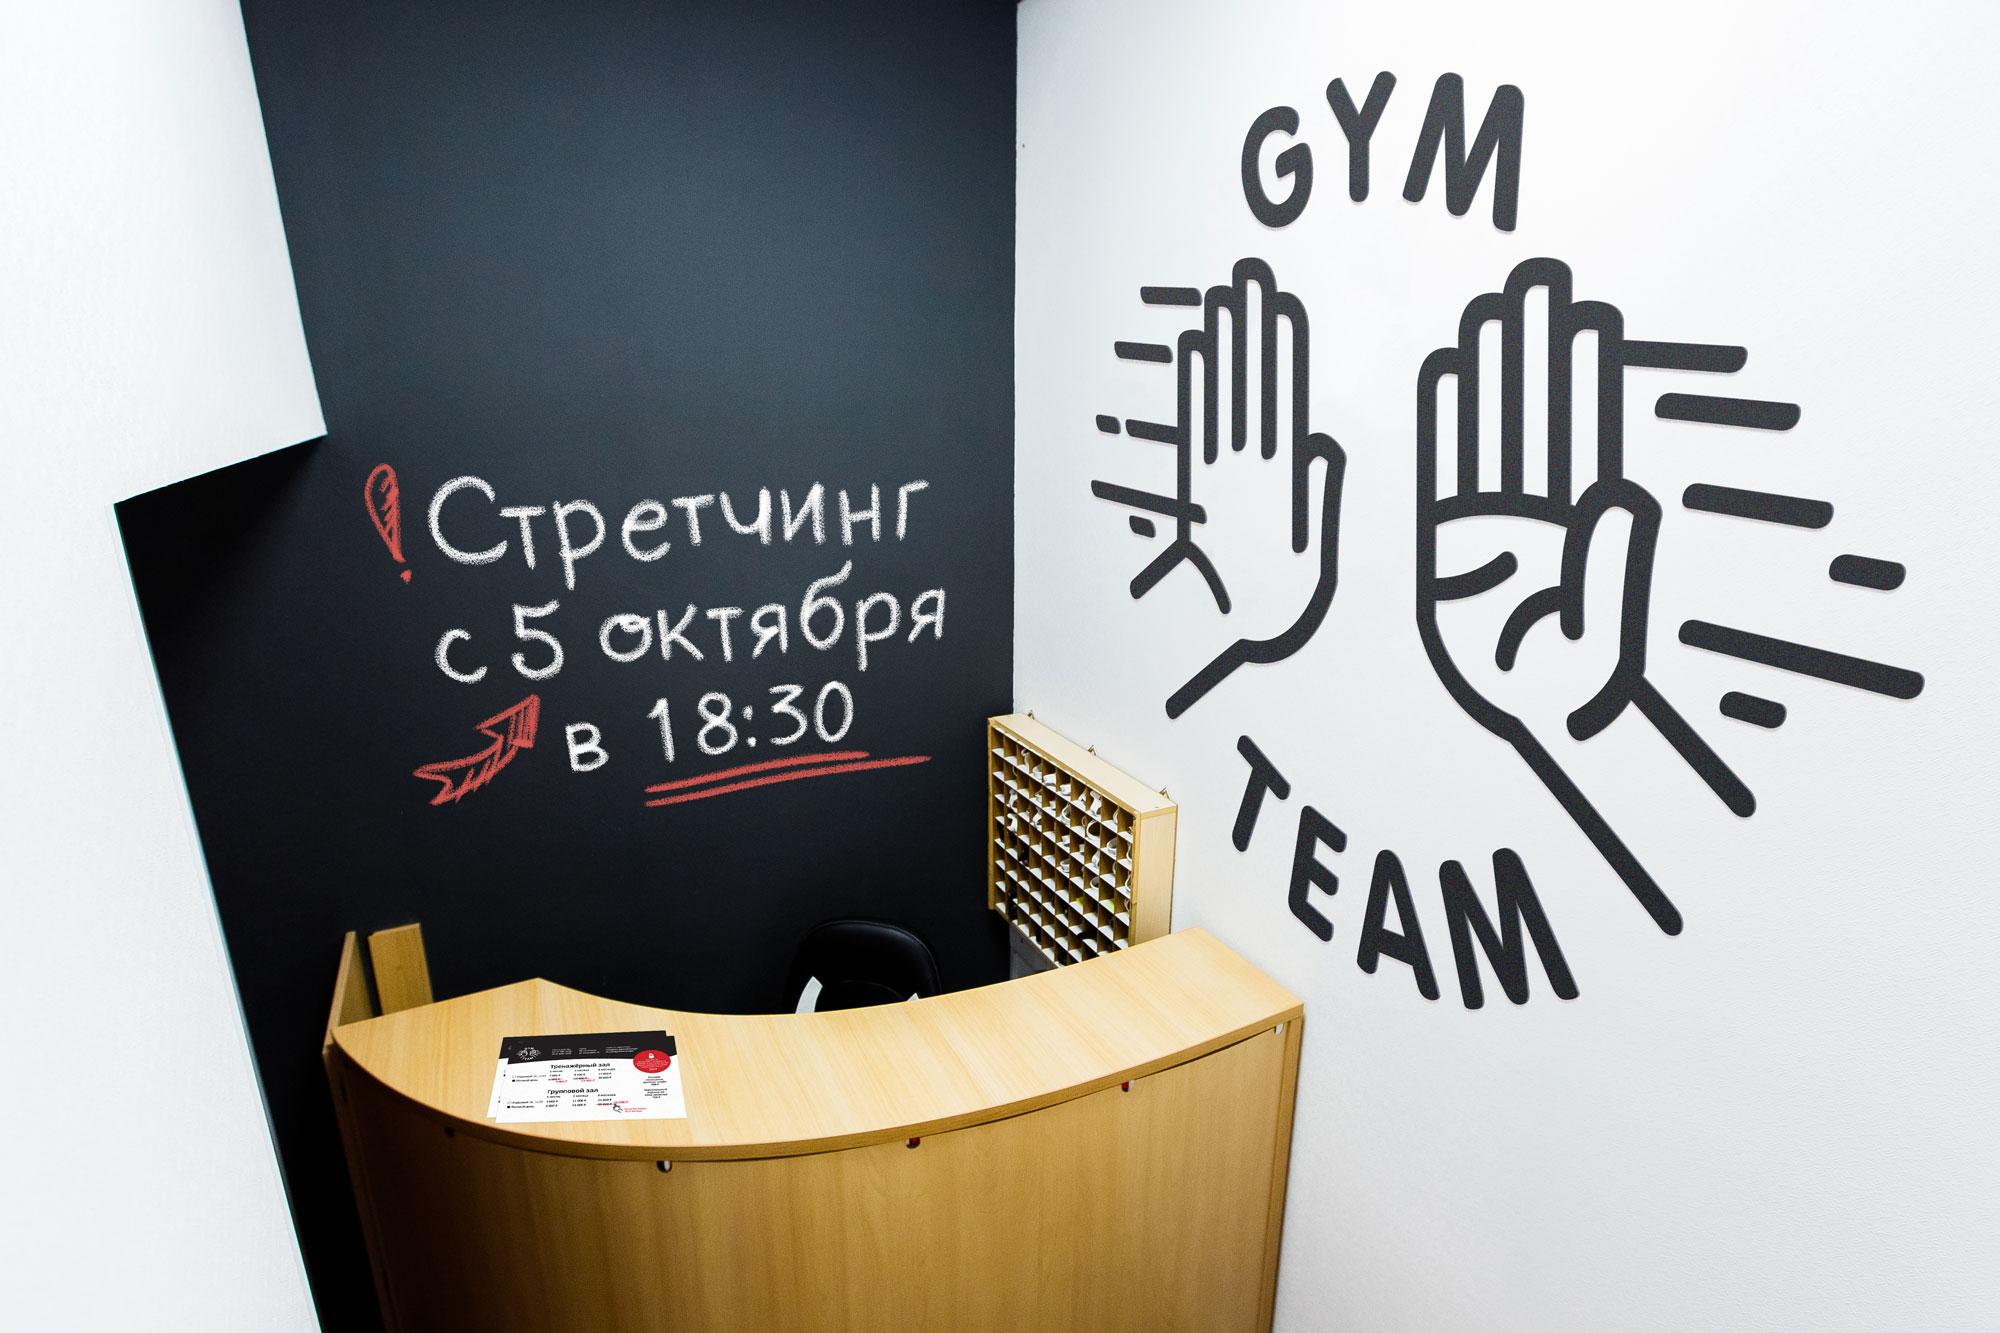 Дизайн интерерьера ресепшн в фитнес-клубе